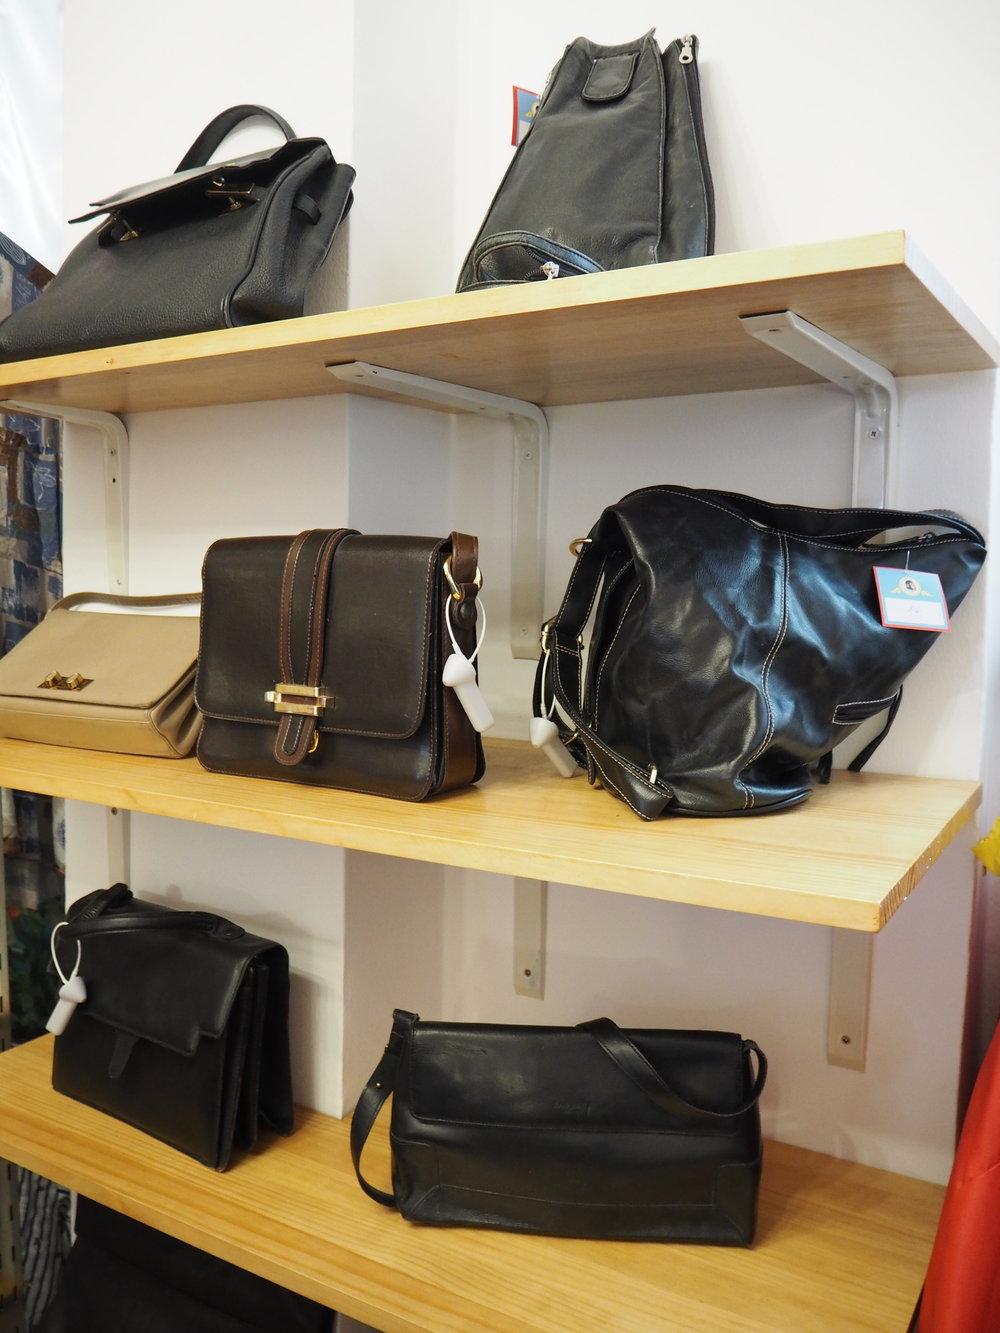 tiendas-ropa-madrid-originales-mona-checa-bolsos.JPG